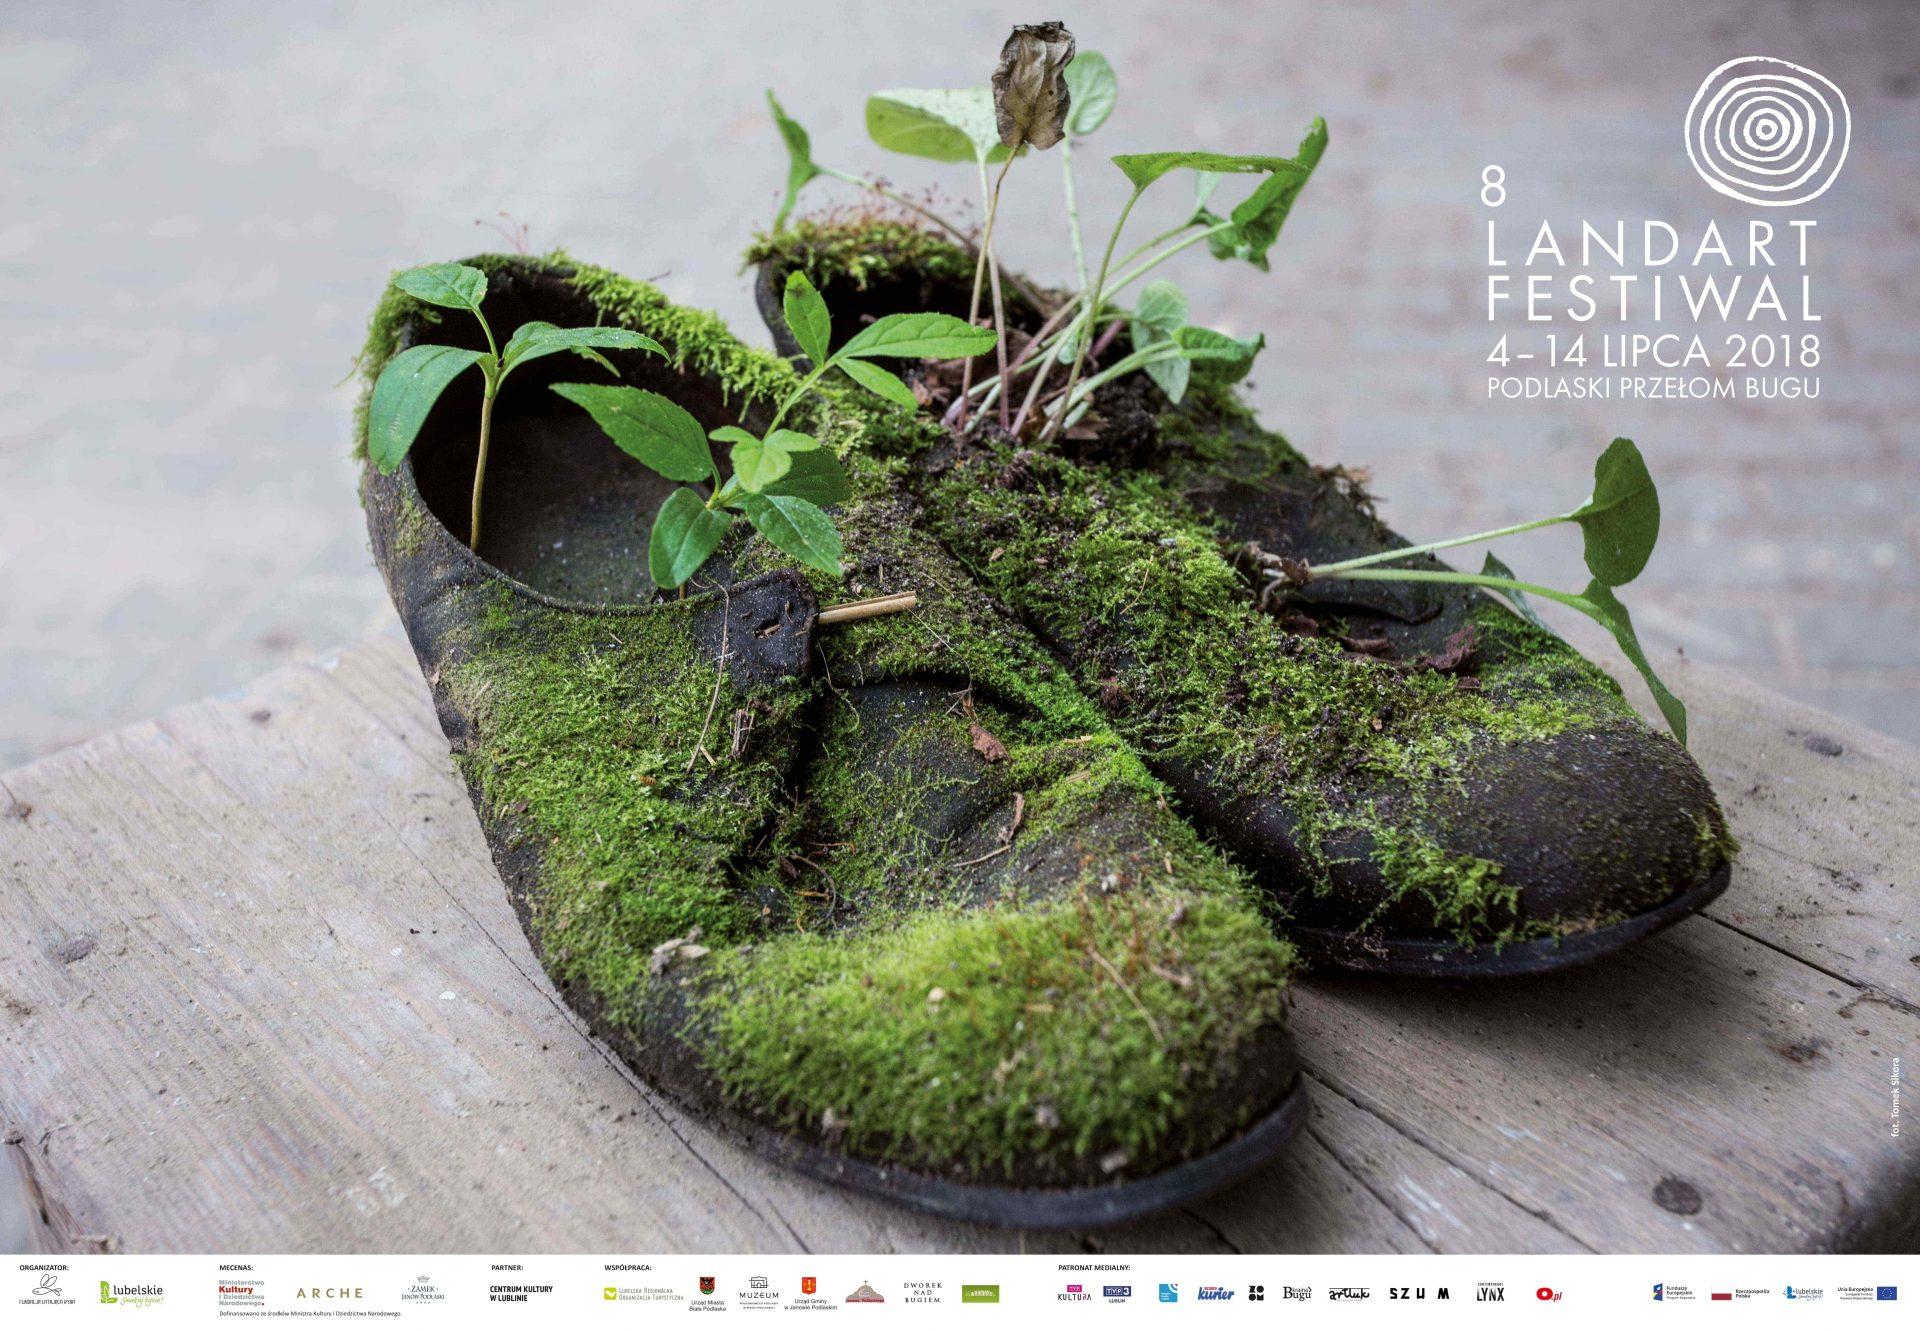 8. Land Art Festiwal (źródło: materiały prasowe organizatora)